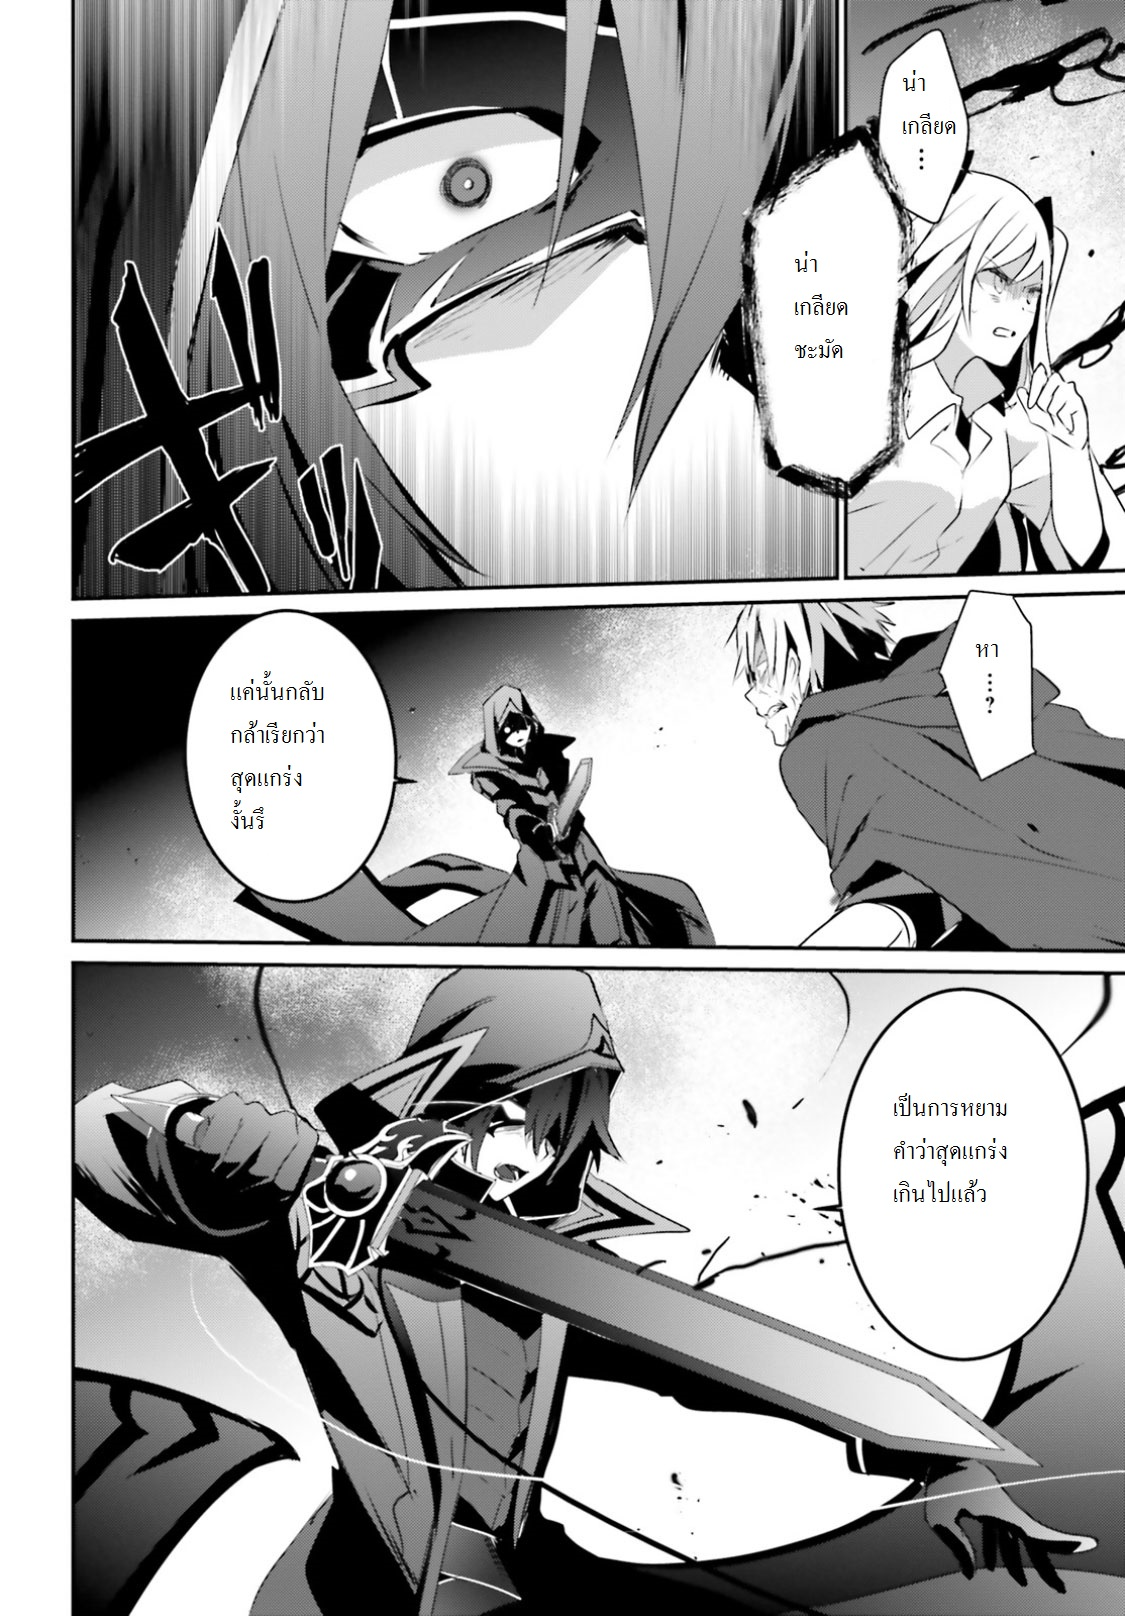 อ่านการ์ตูน Kage no Jitsuryokusha ni Naritakute! ตอนที่ 6 หน้าที่ 23